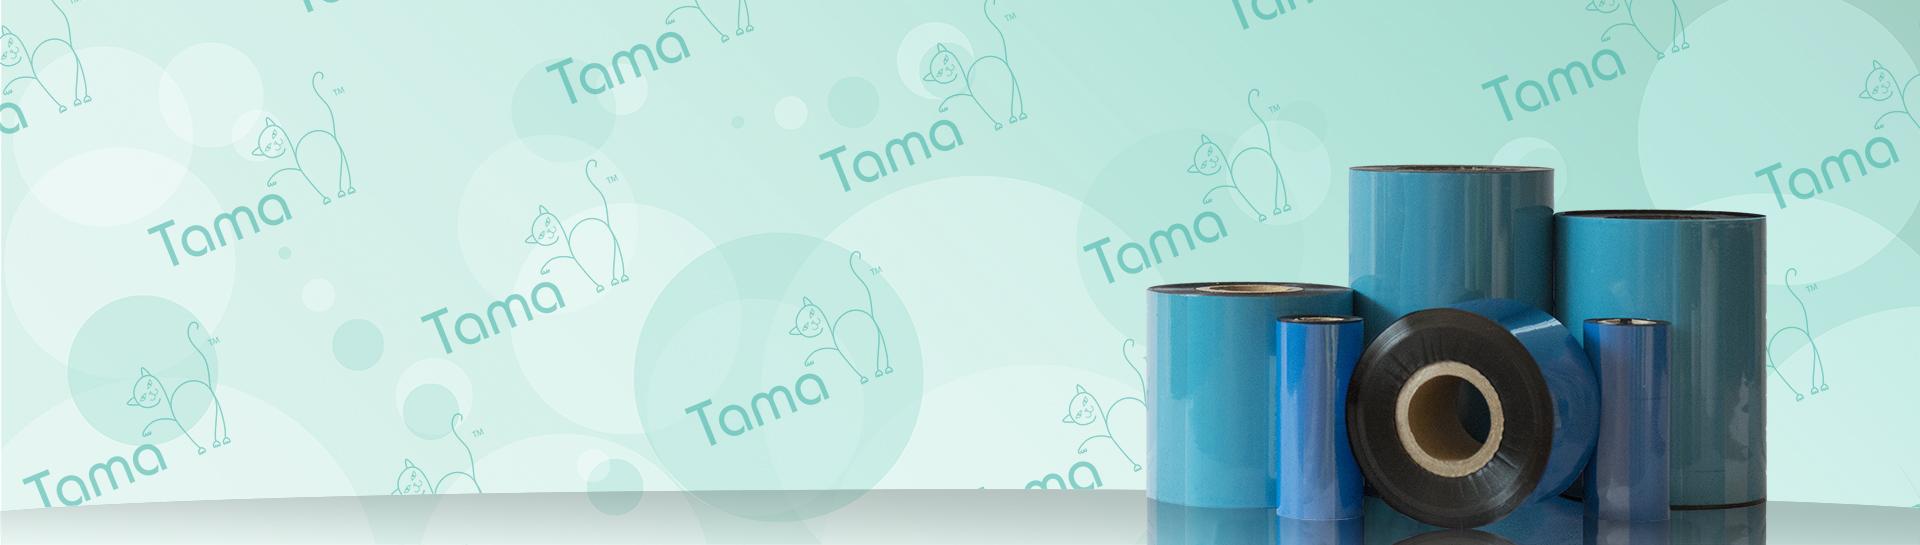 Риббоны Tama™ - совершенство печати